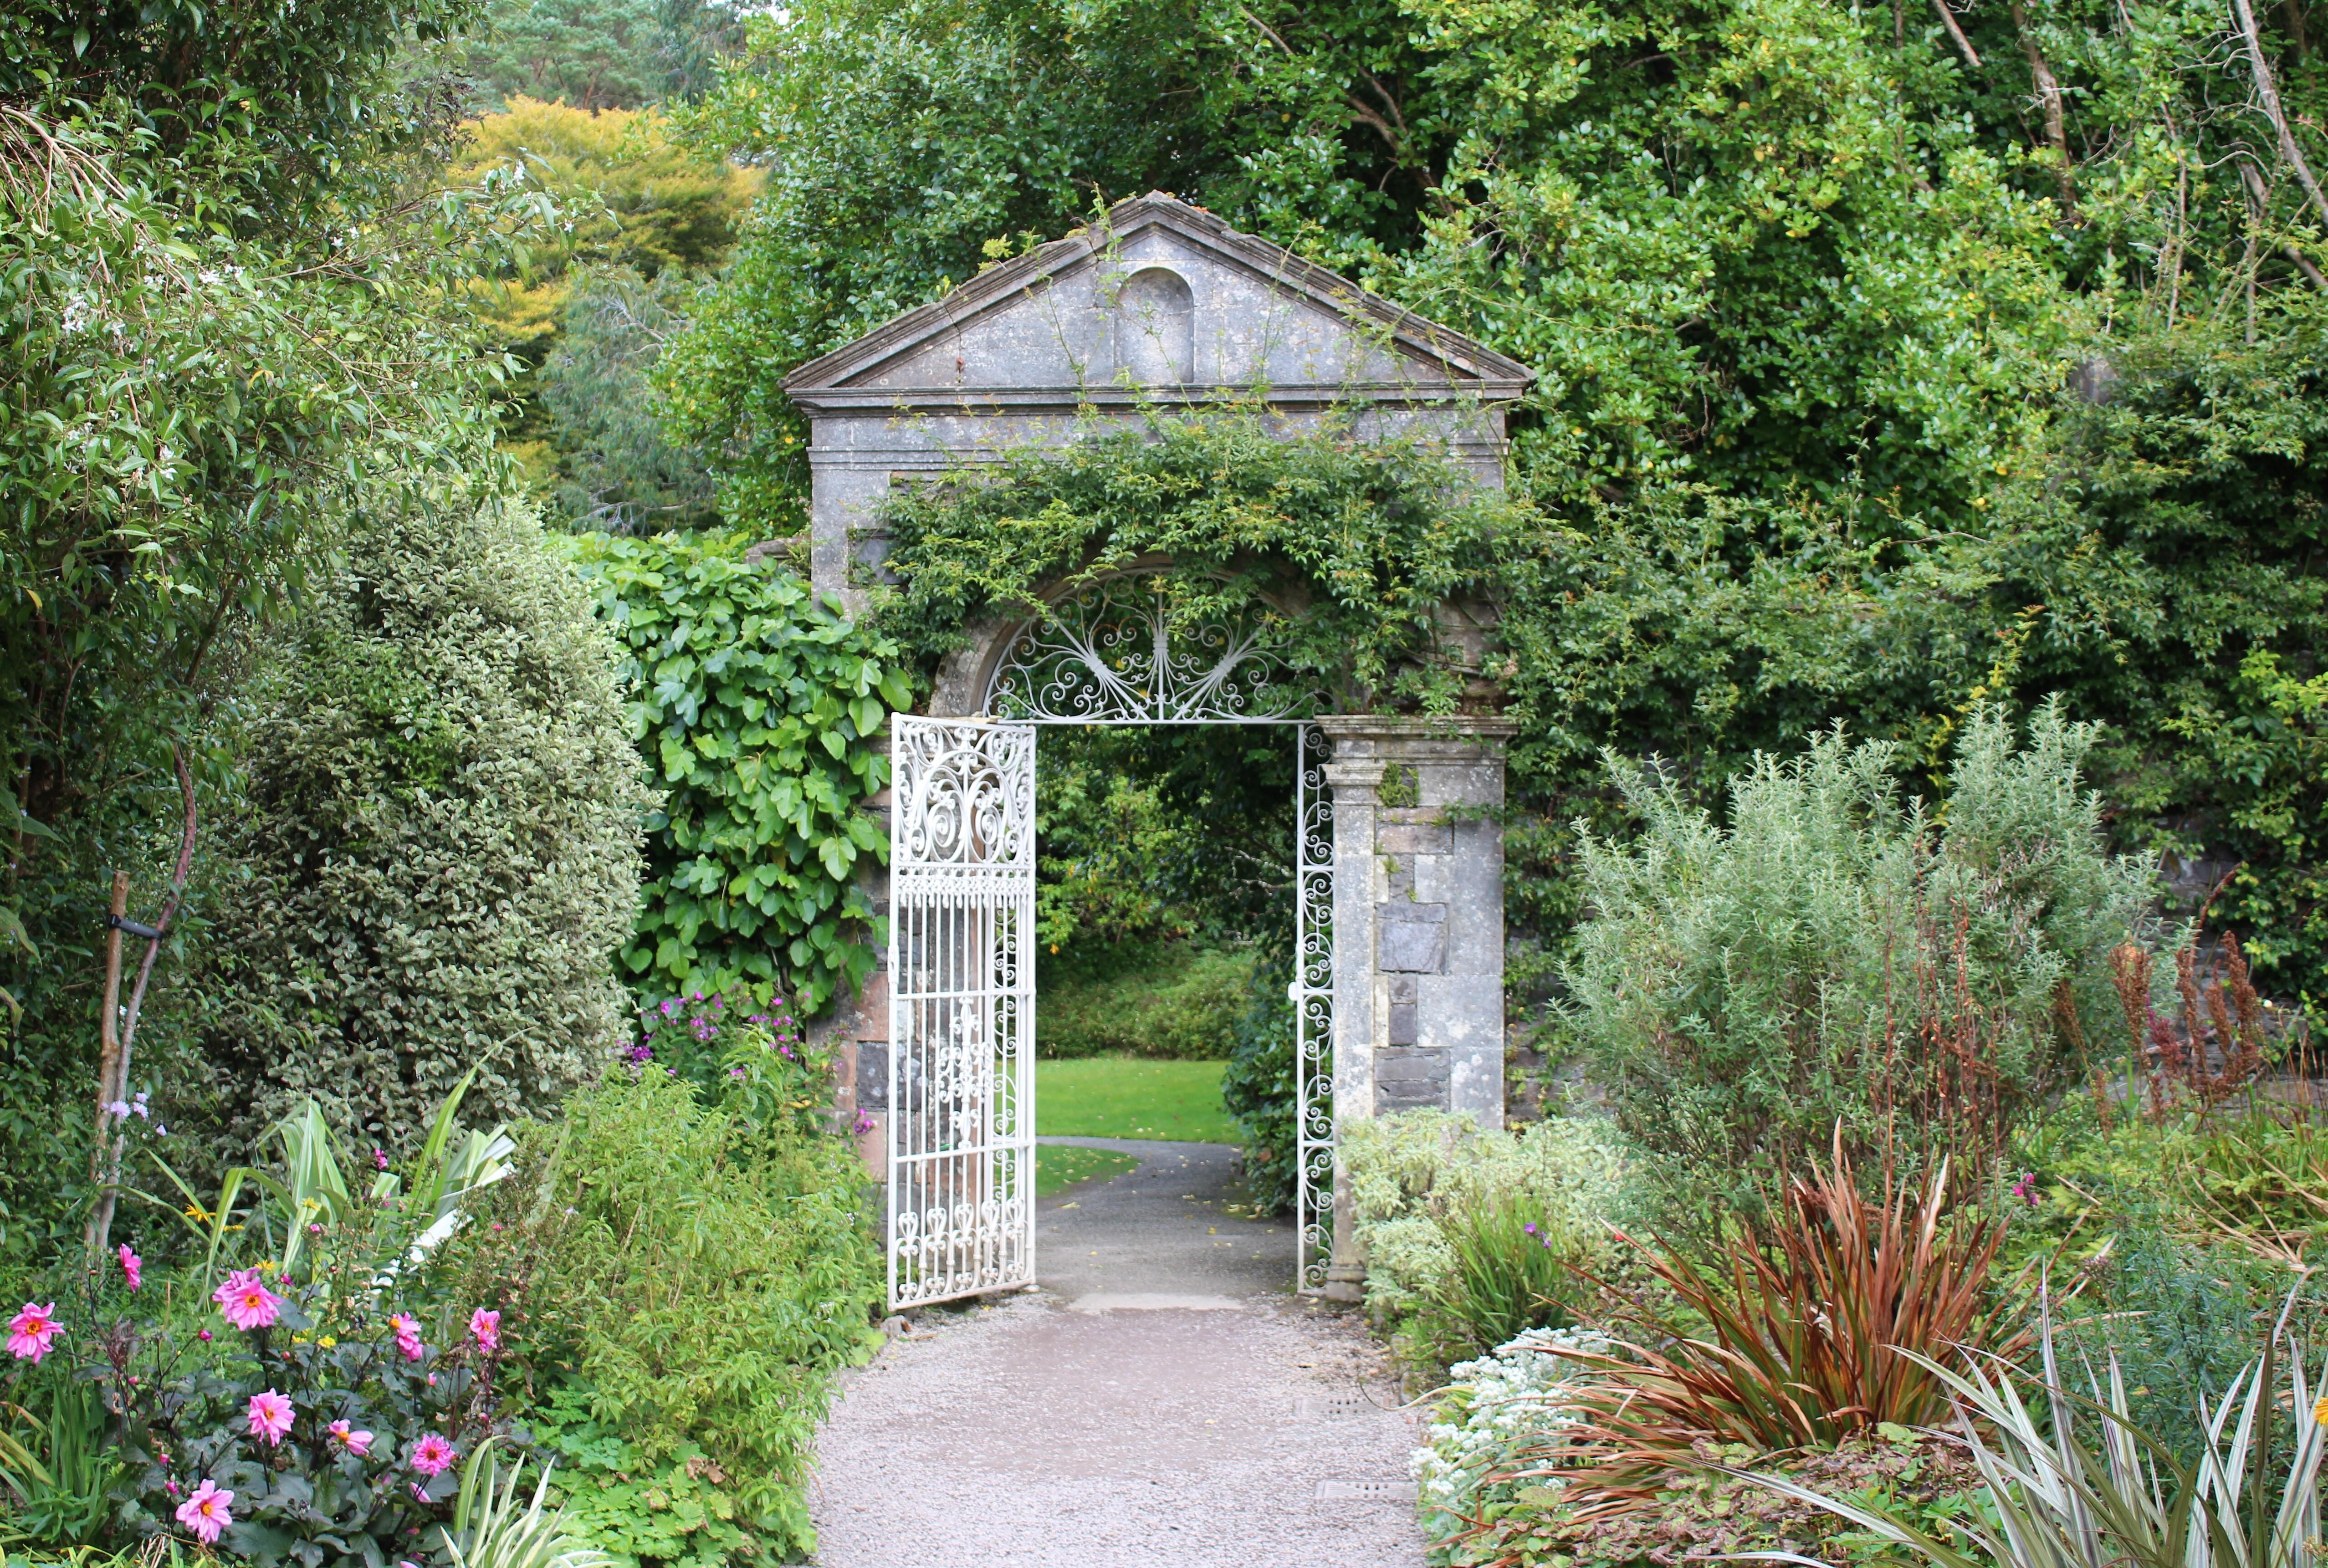 Garinish Island, County Cork